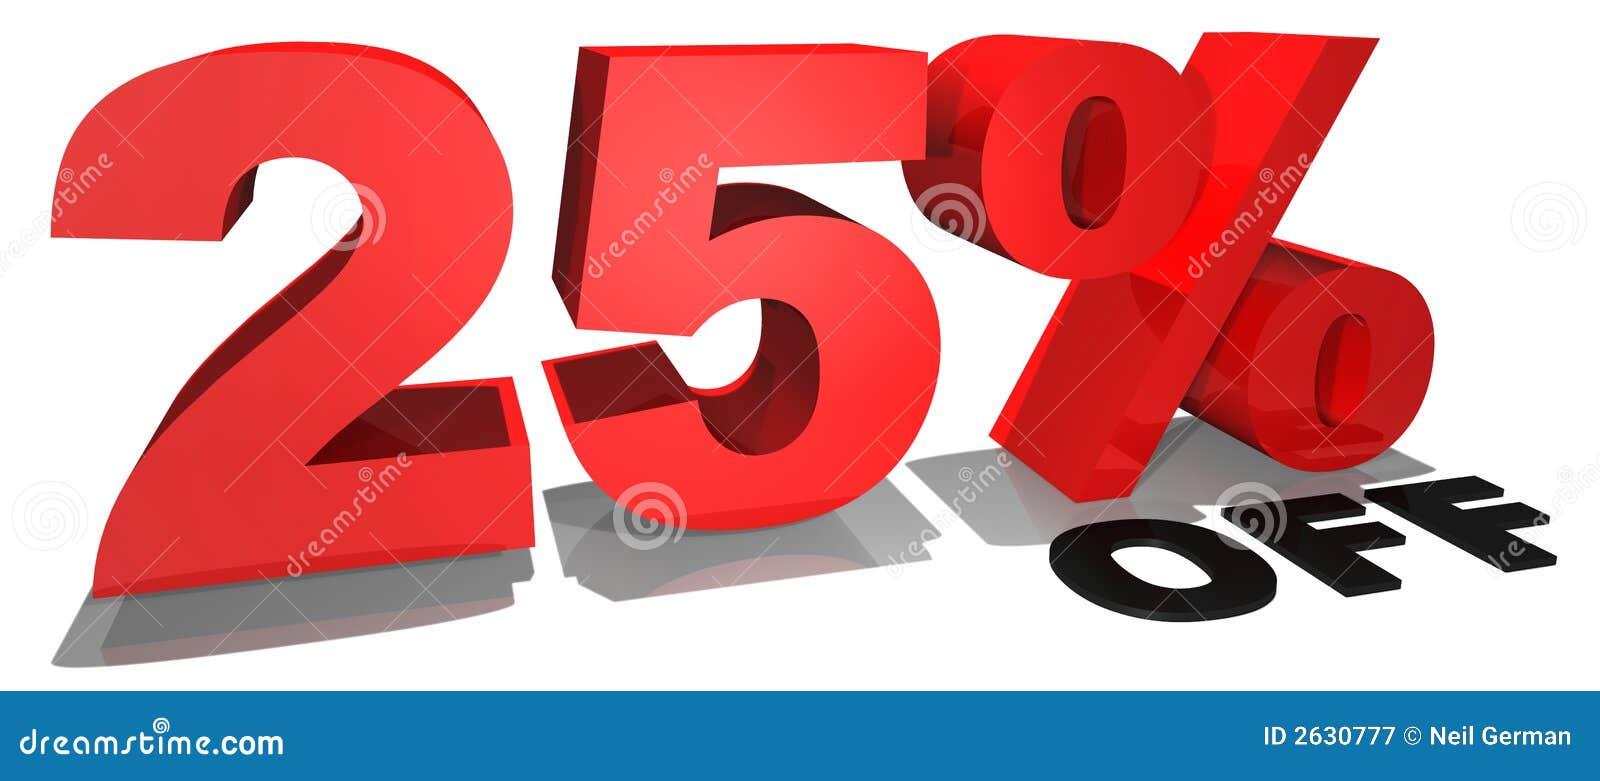 25百分比促销销售额文本